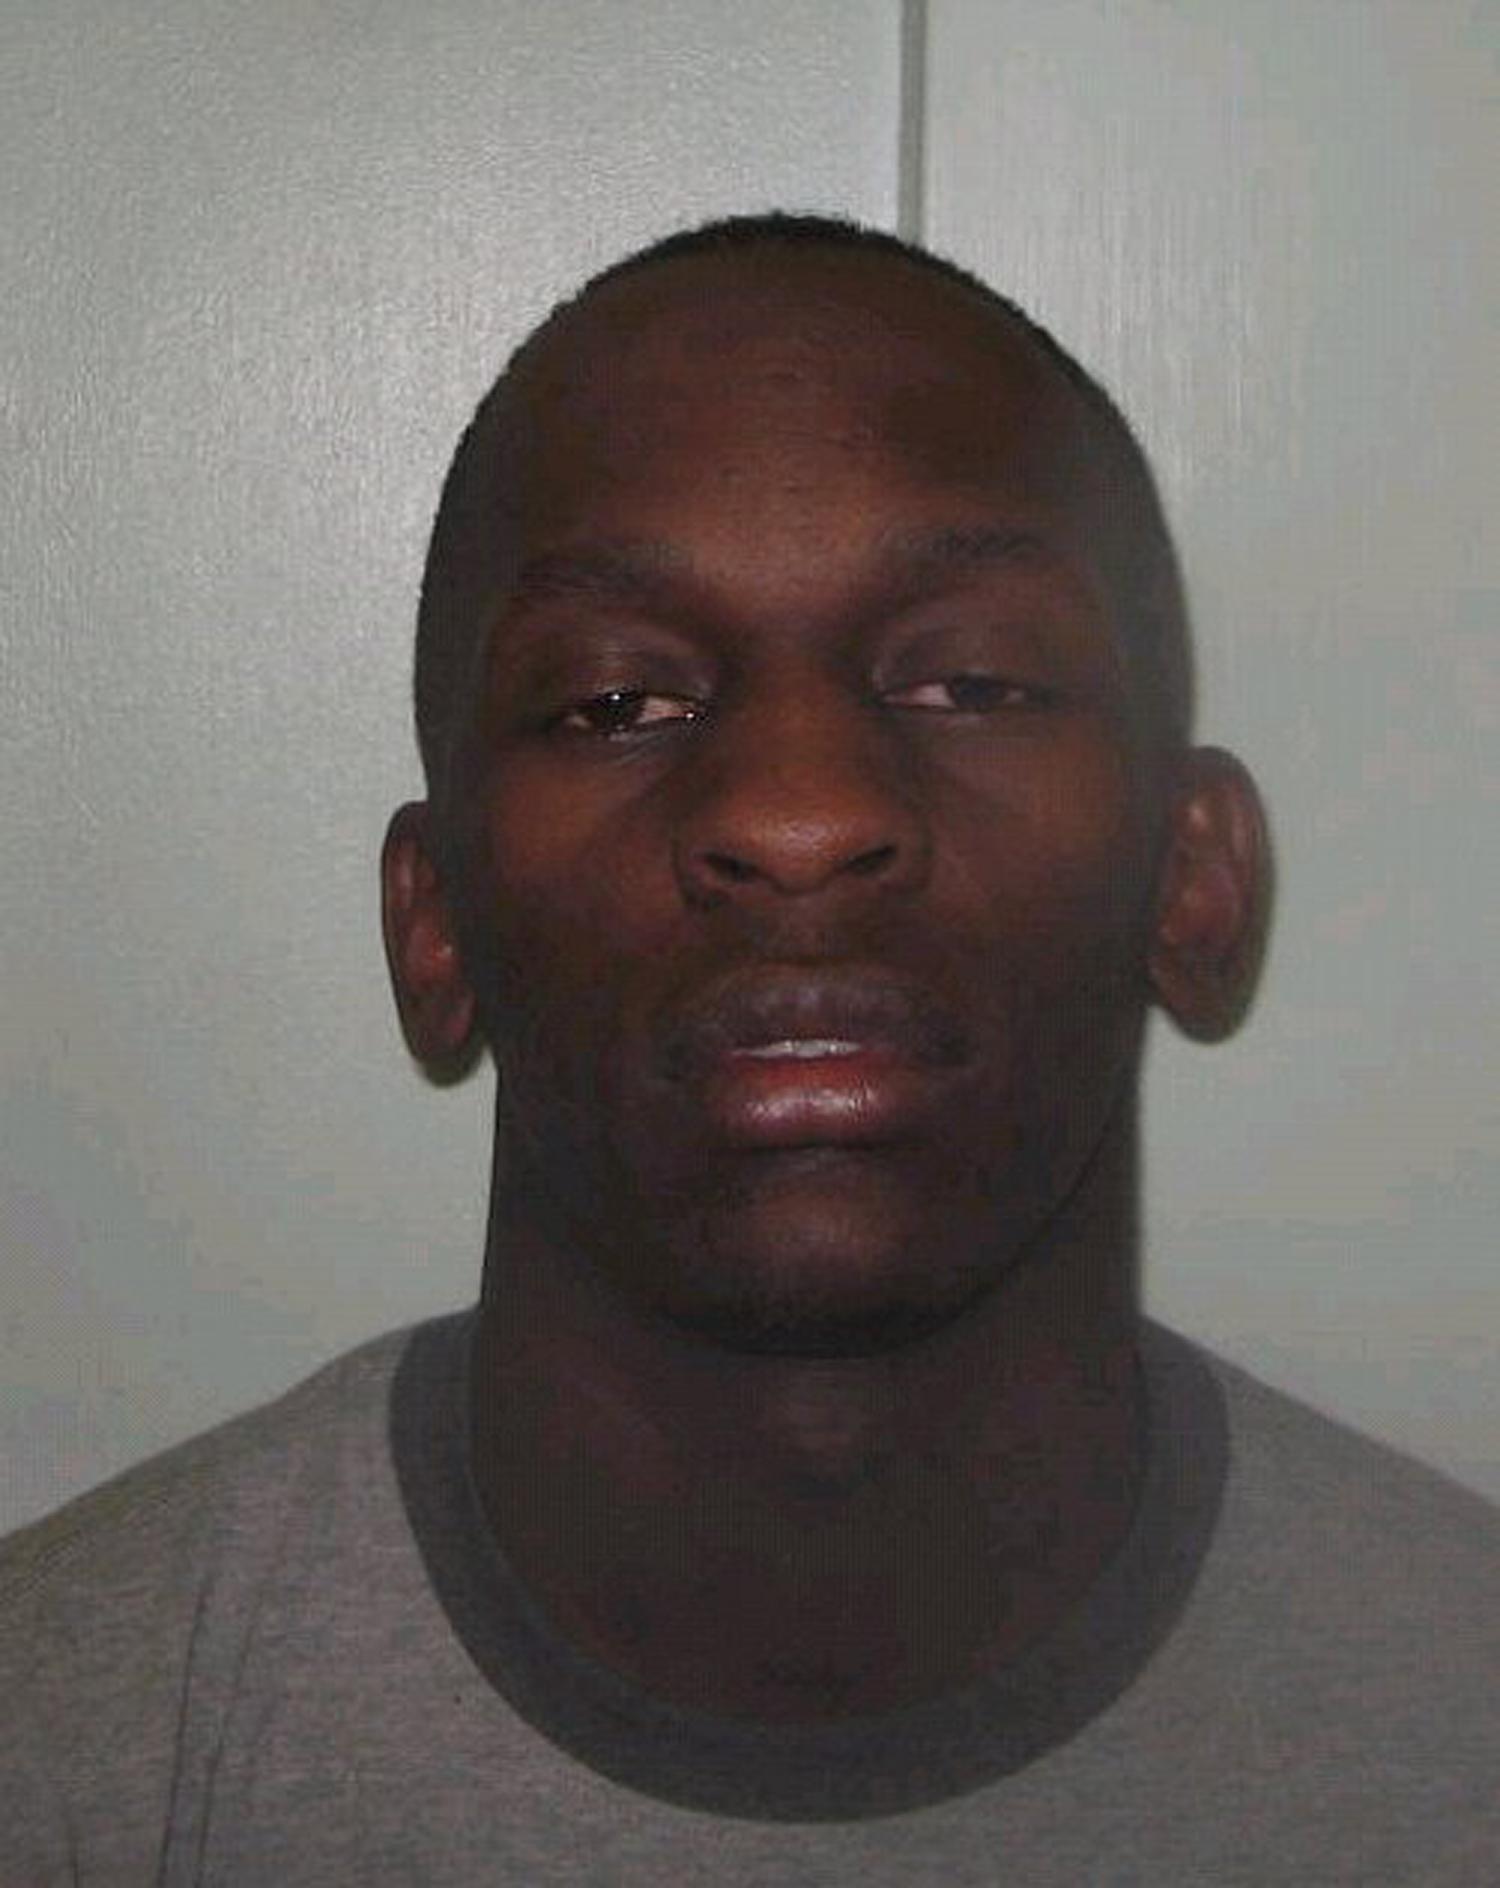 Mug Shot Of Ali After Being Arrested In UK